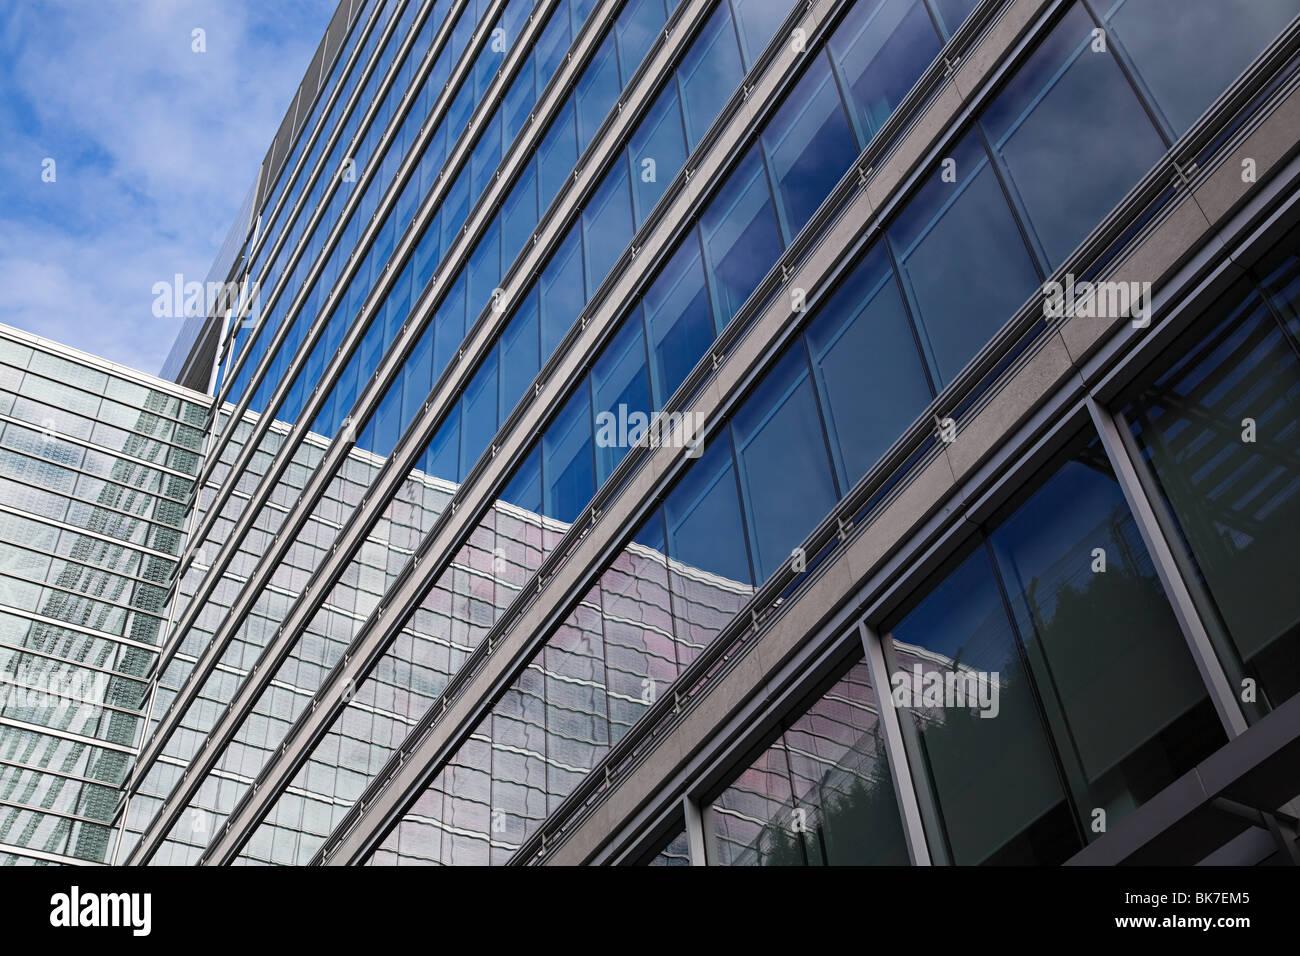 Ventanas del edificio de oficinas Imagen De Stock